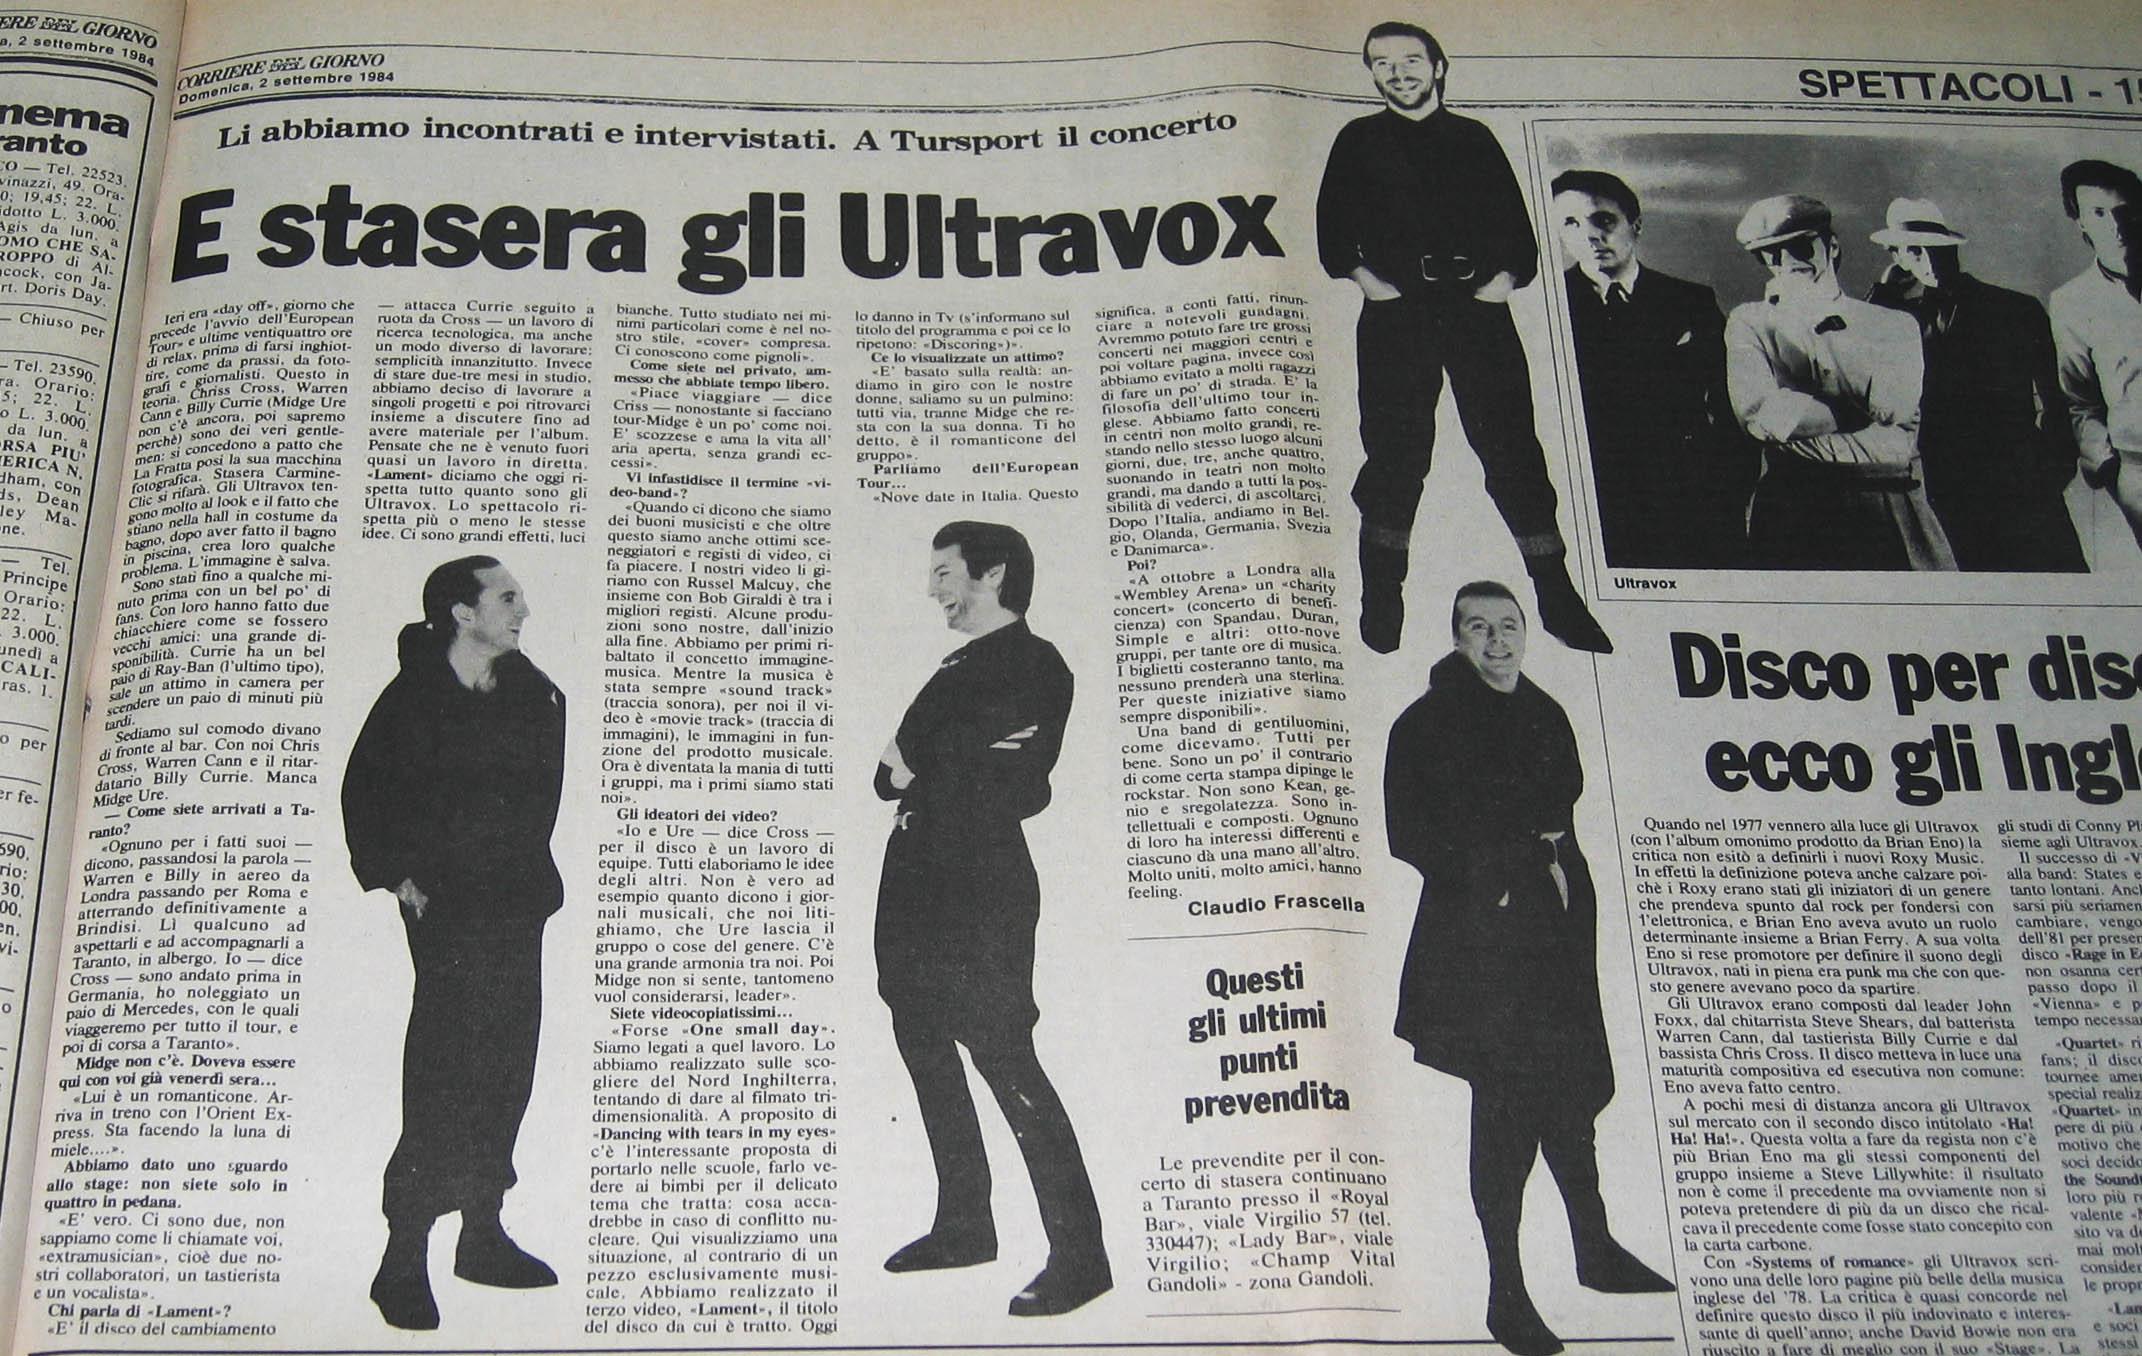 02.09.1984. E stasera gli Ultravox.